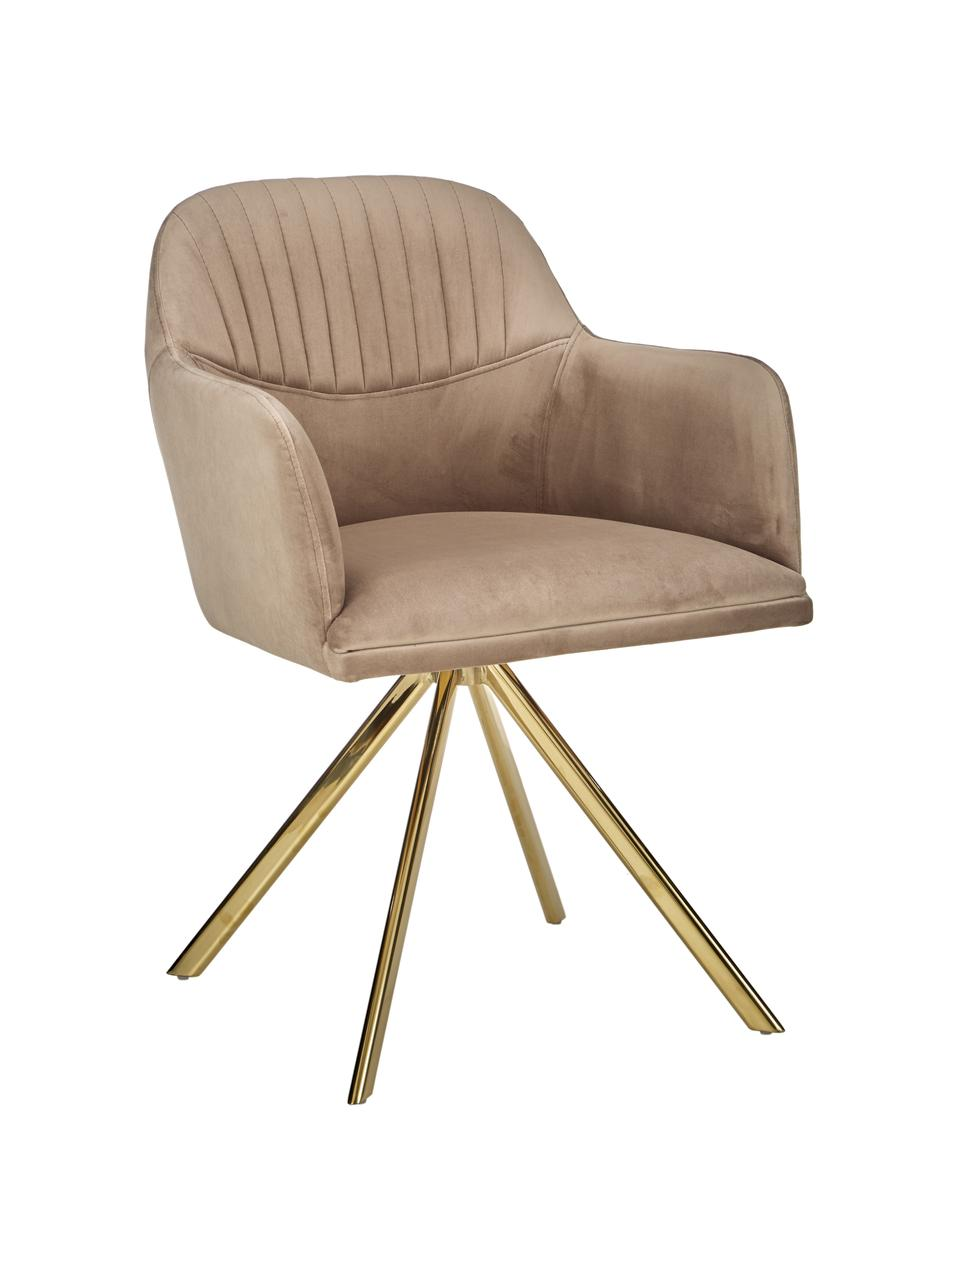 Sametová otočná židle spodručkami Lola, Světle hnědá Nohy: zlatá